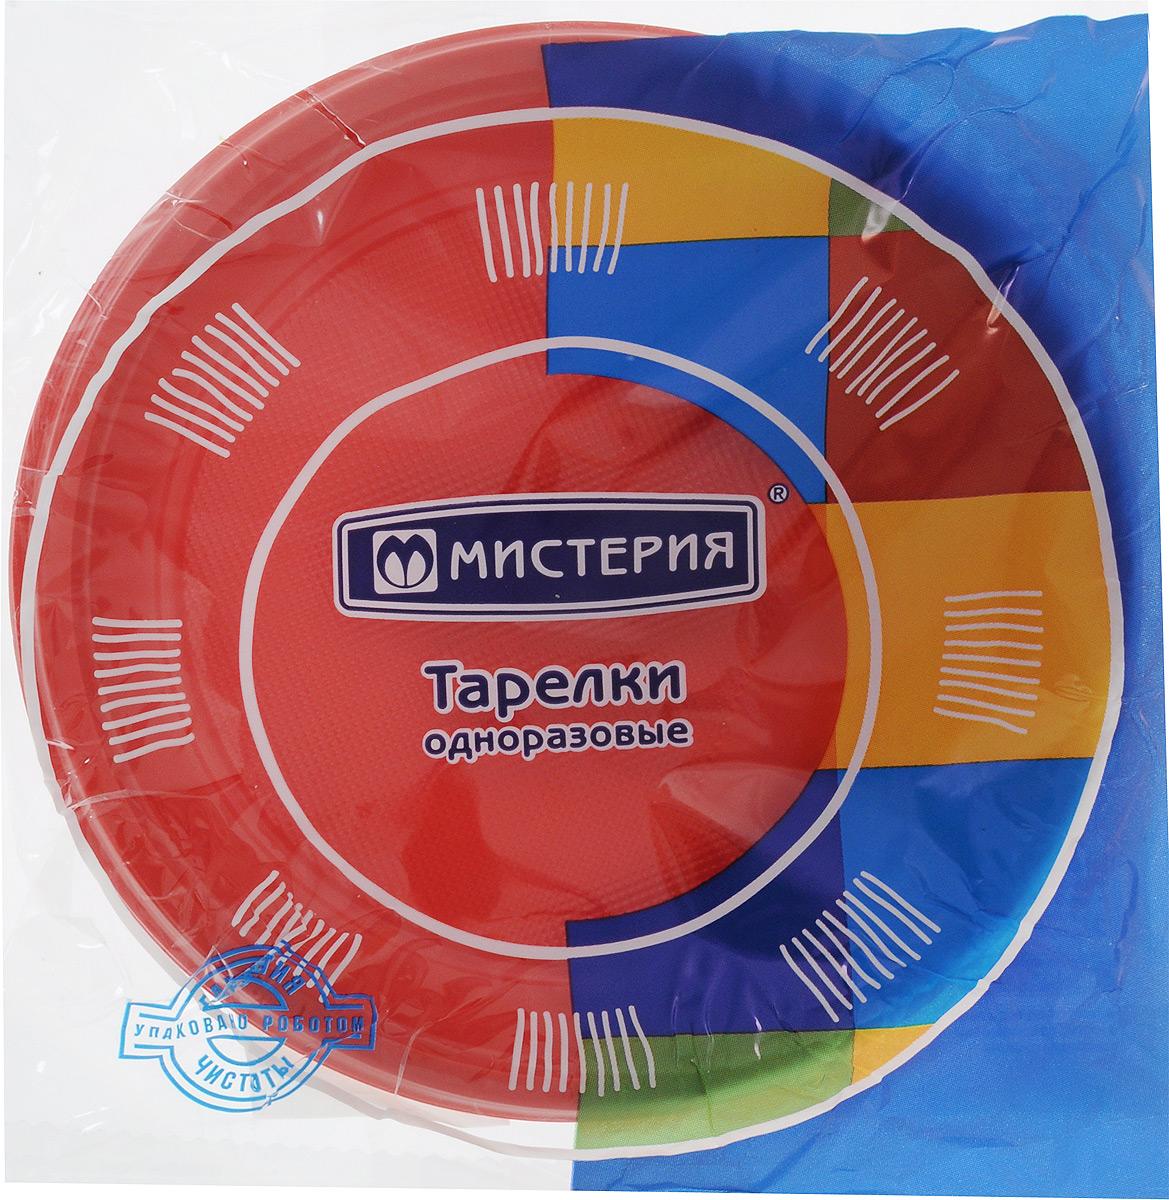 Набор одноразовых десертных тарелок Мистерия, цвет: красный, диаметр 17 см, 12 шт